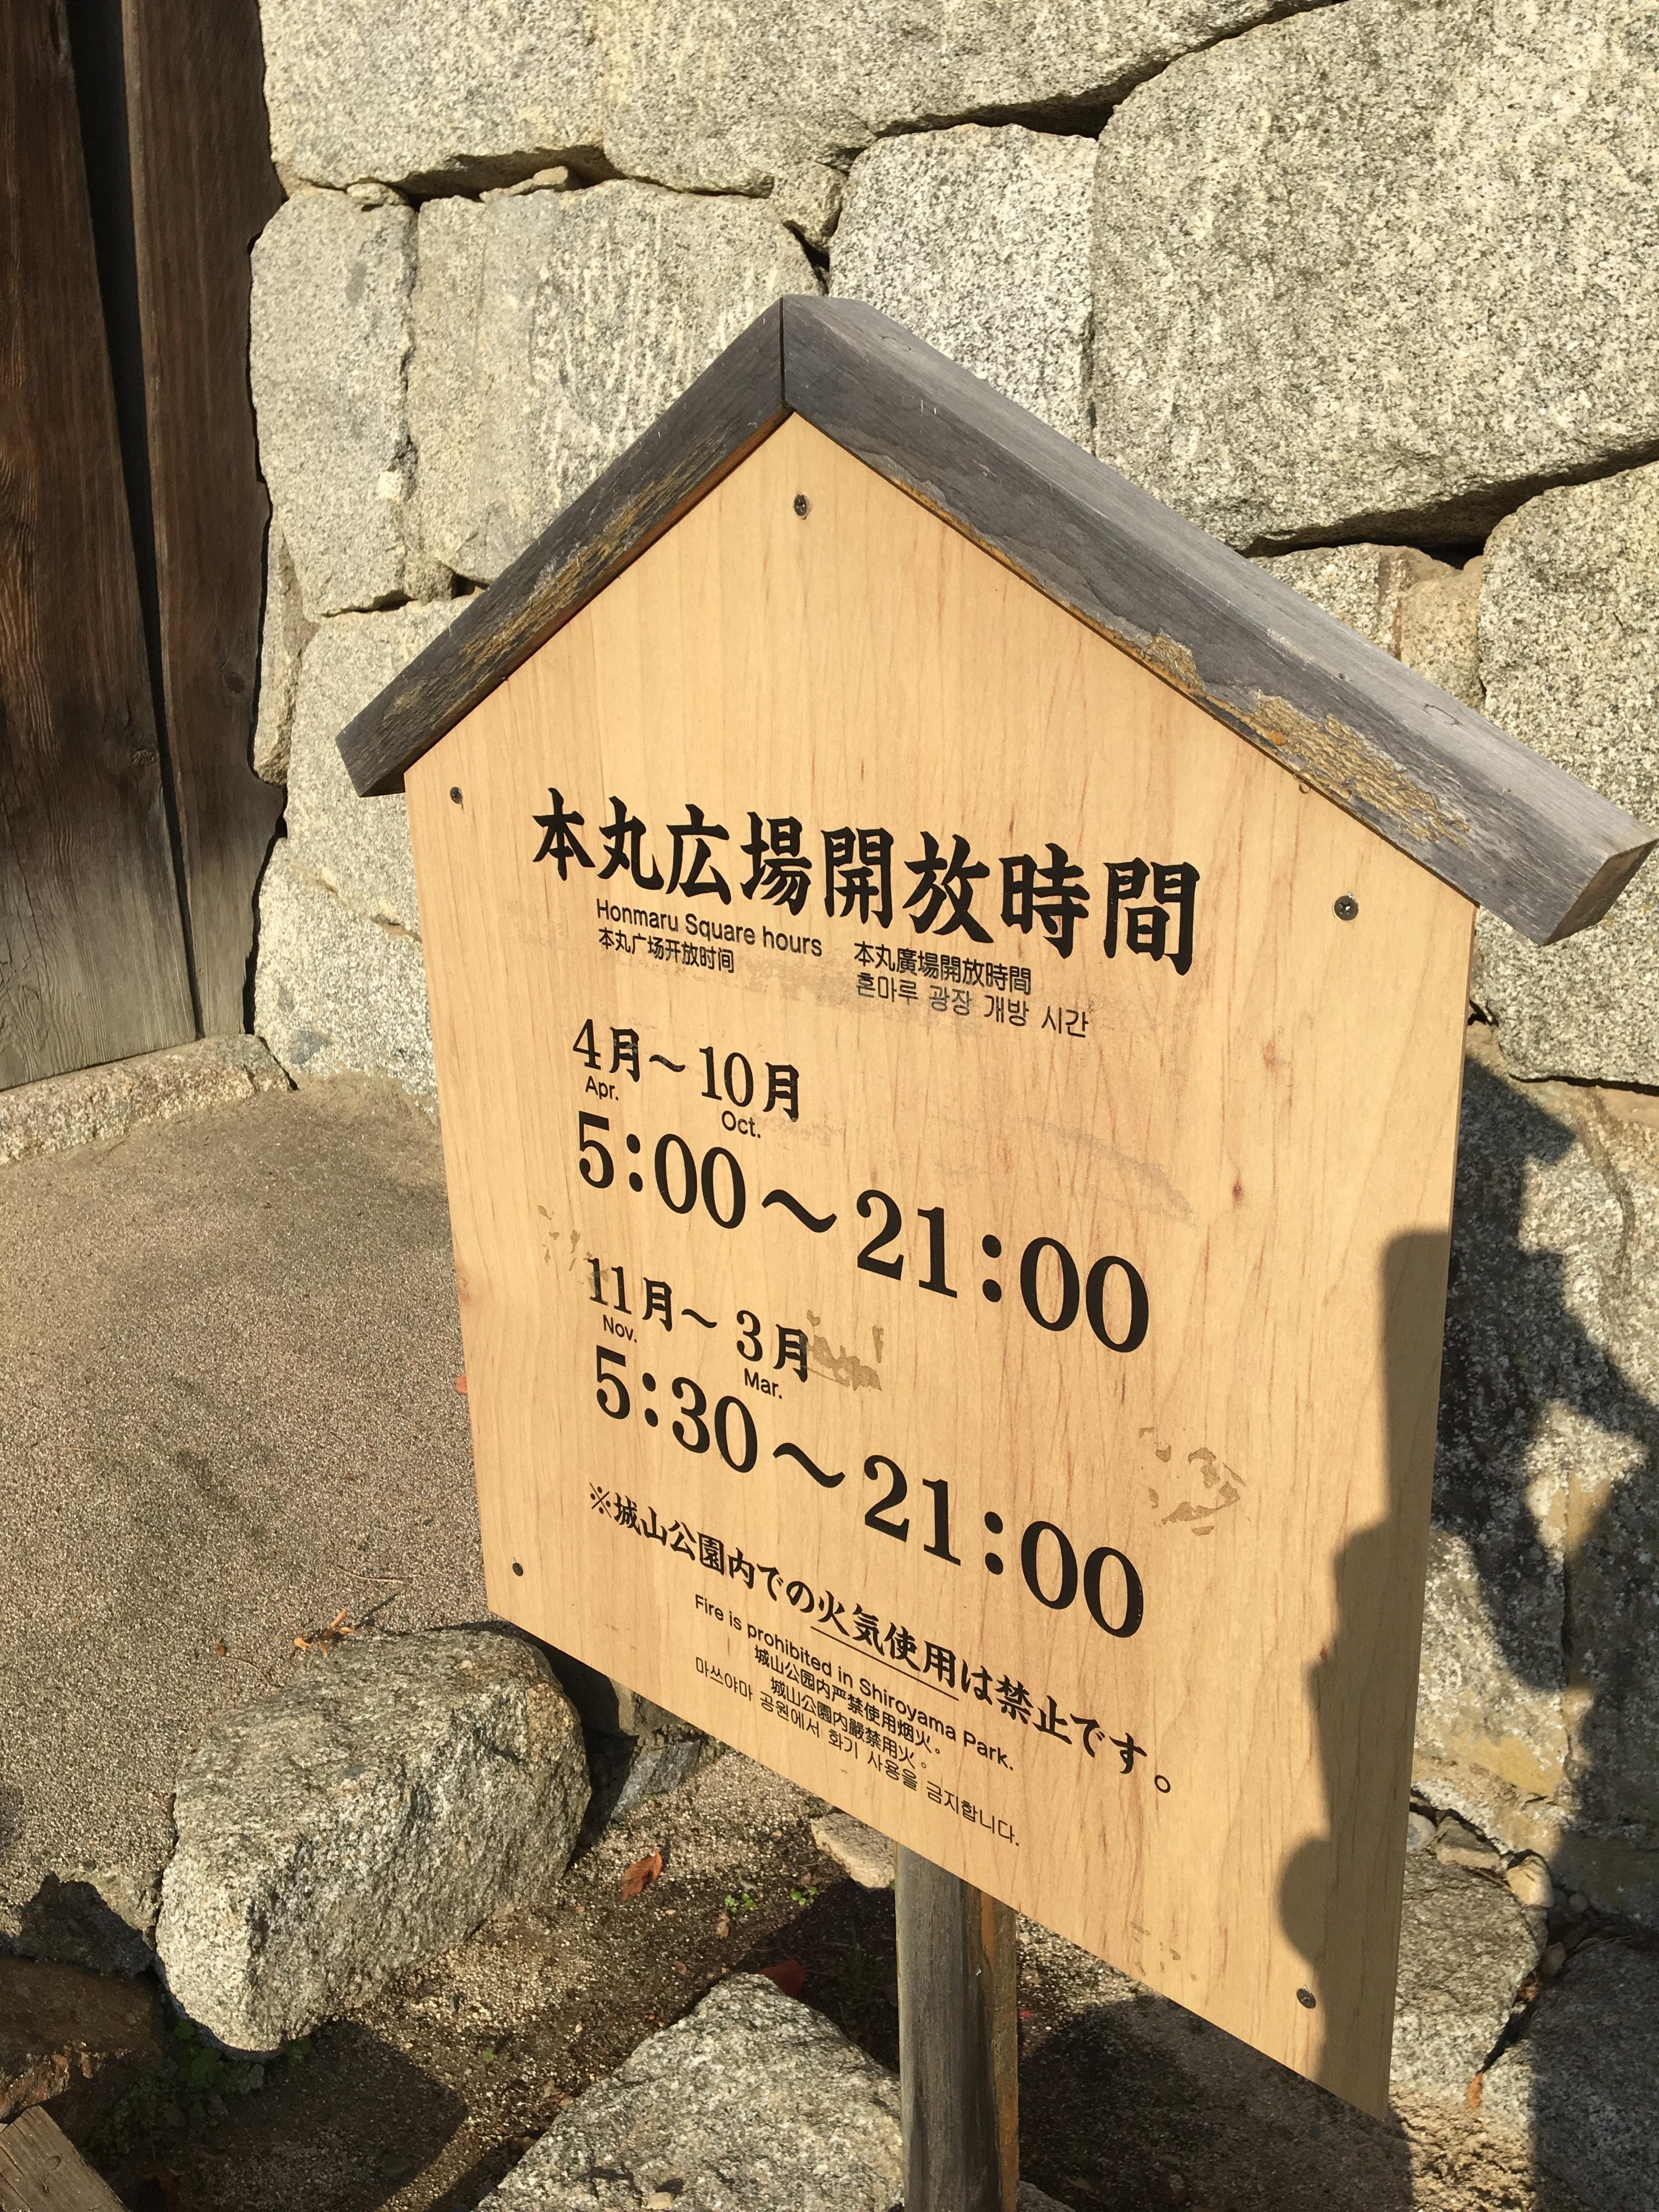 愛媛県にある松山城の漆喰壁を見てきた【お城の漆喰】